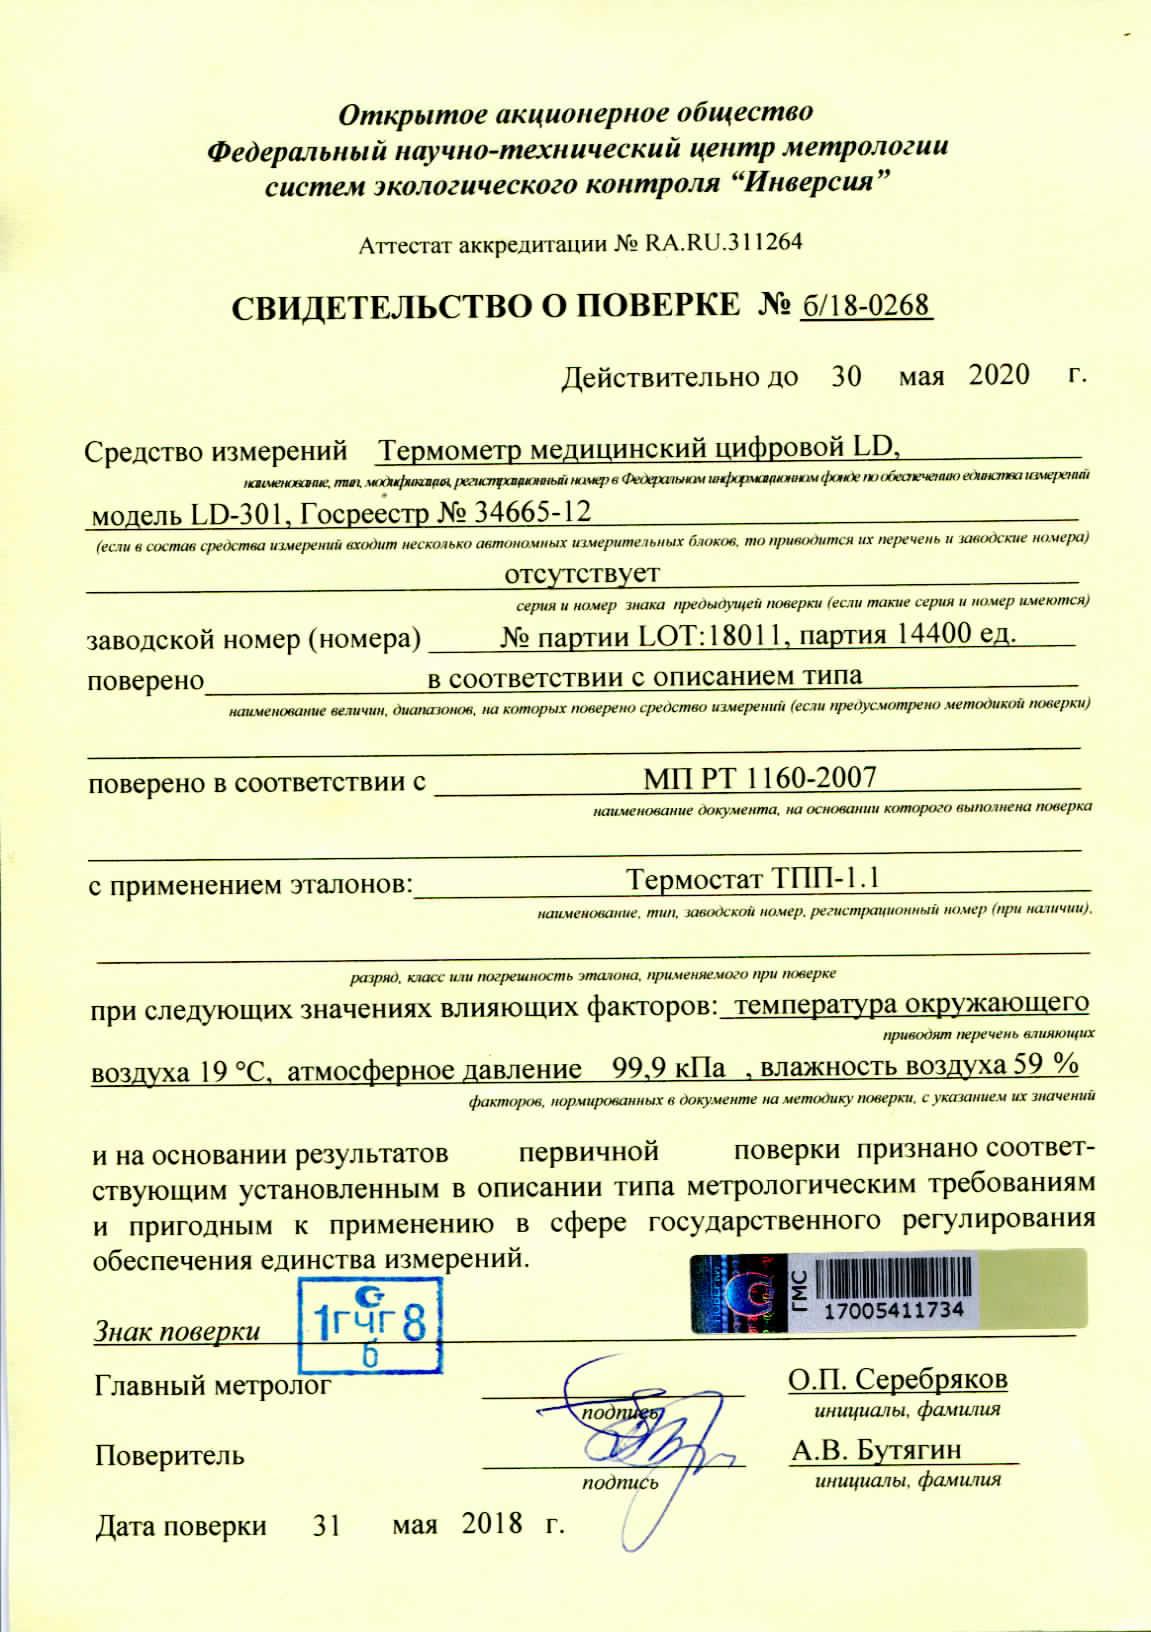 Гост 8.324-2002 государственная система обеспечения единства измерений (гси). счетчики газа. методика поверки